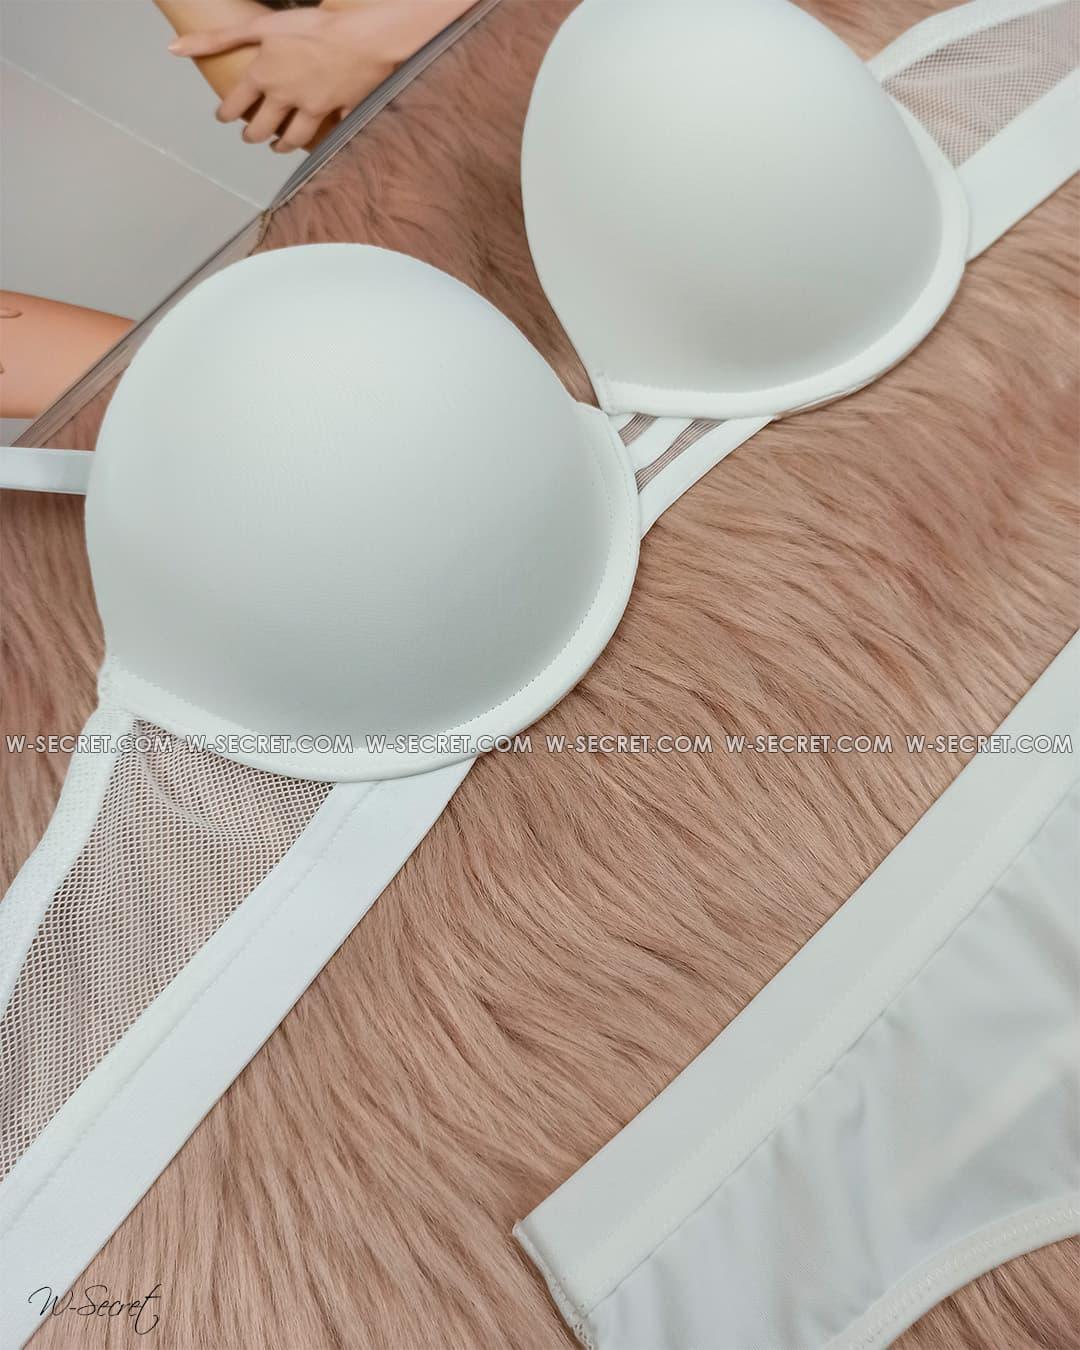 Weiyesi 2070 В Білий - комплект нижньої білизни